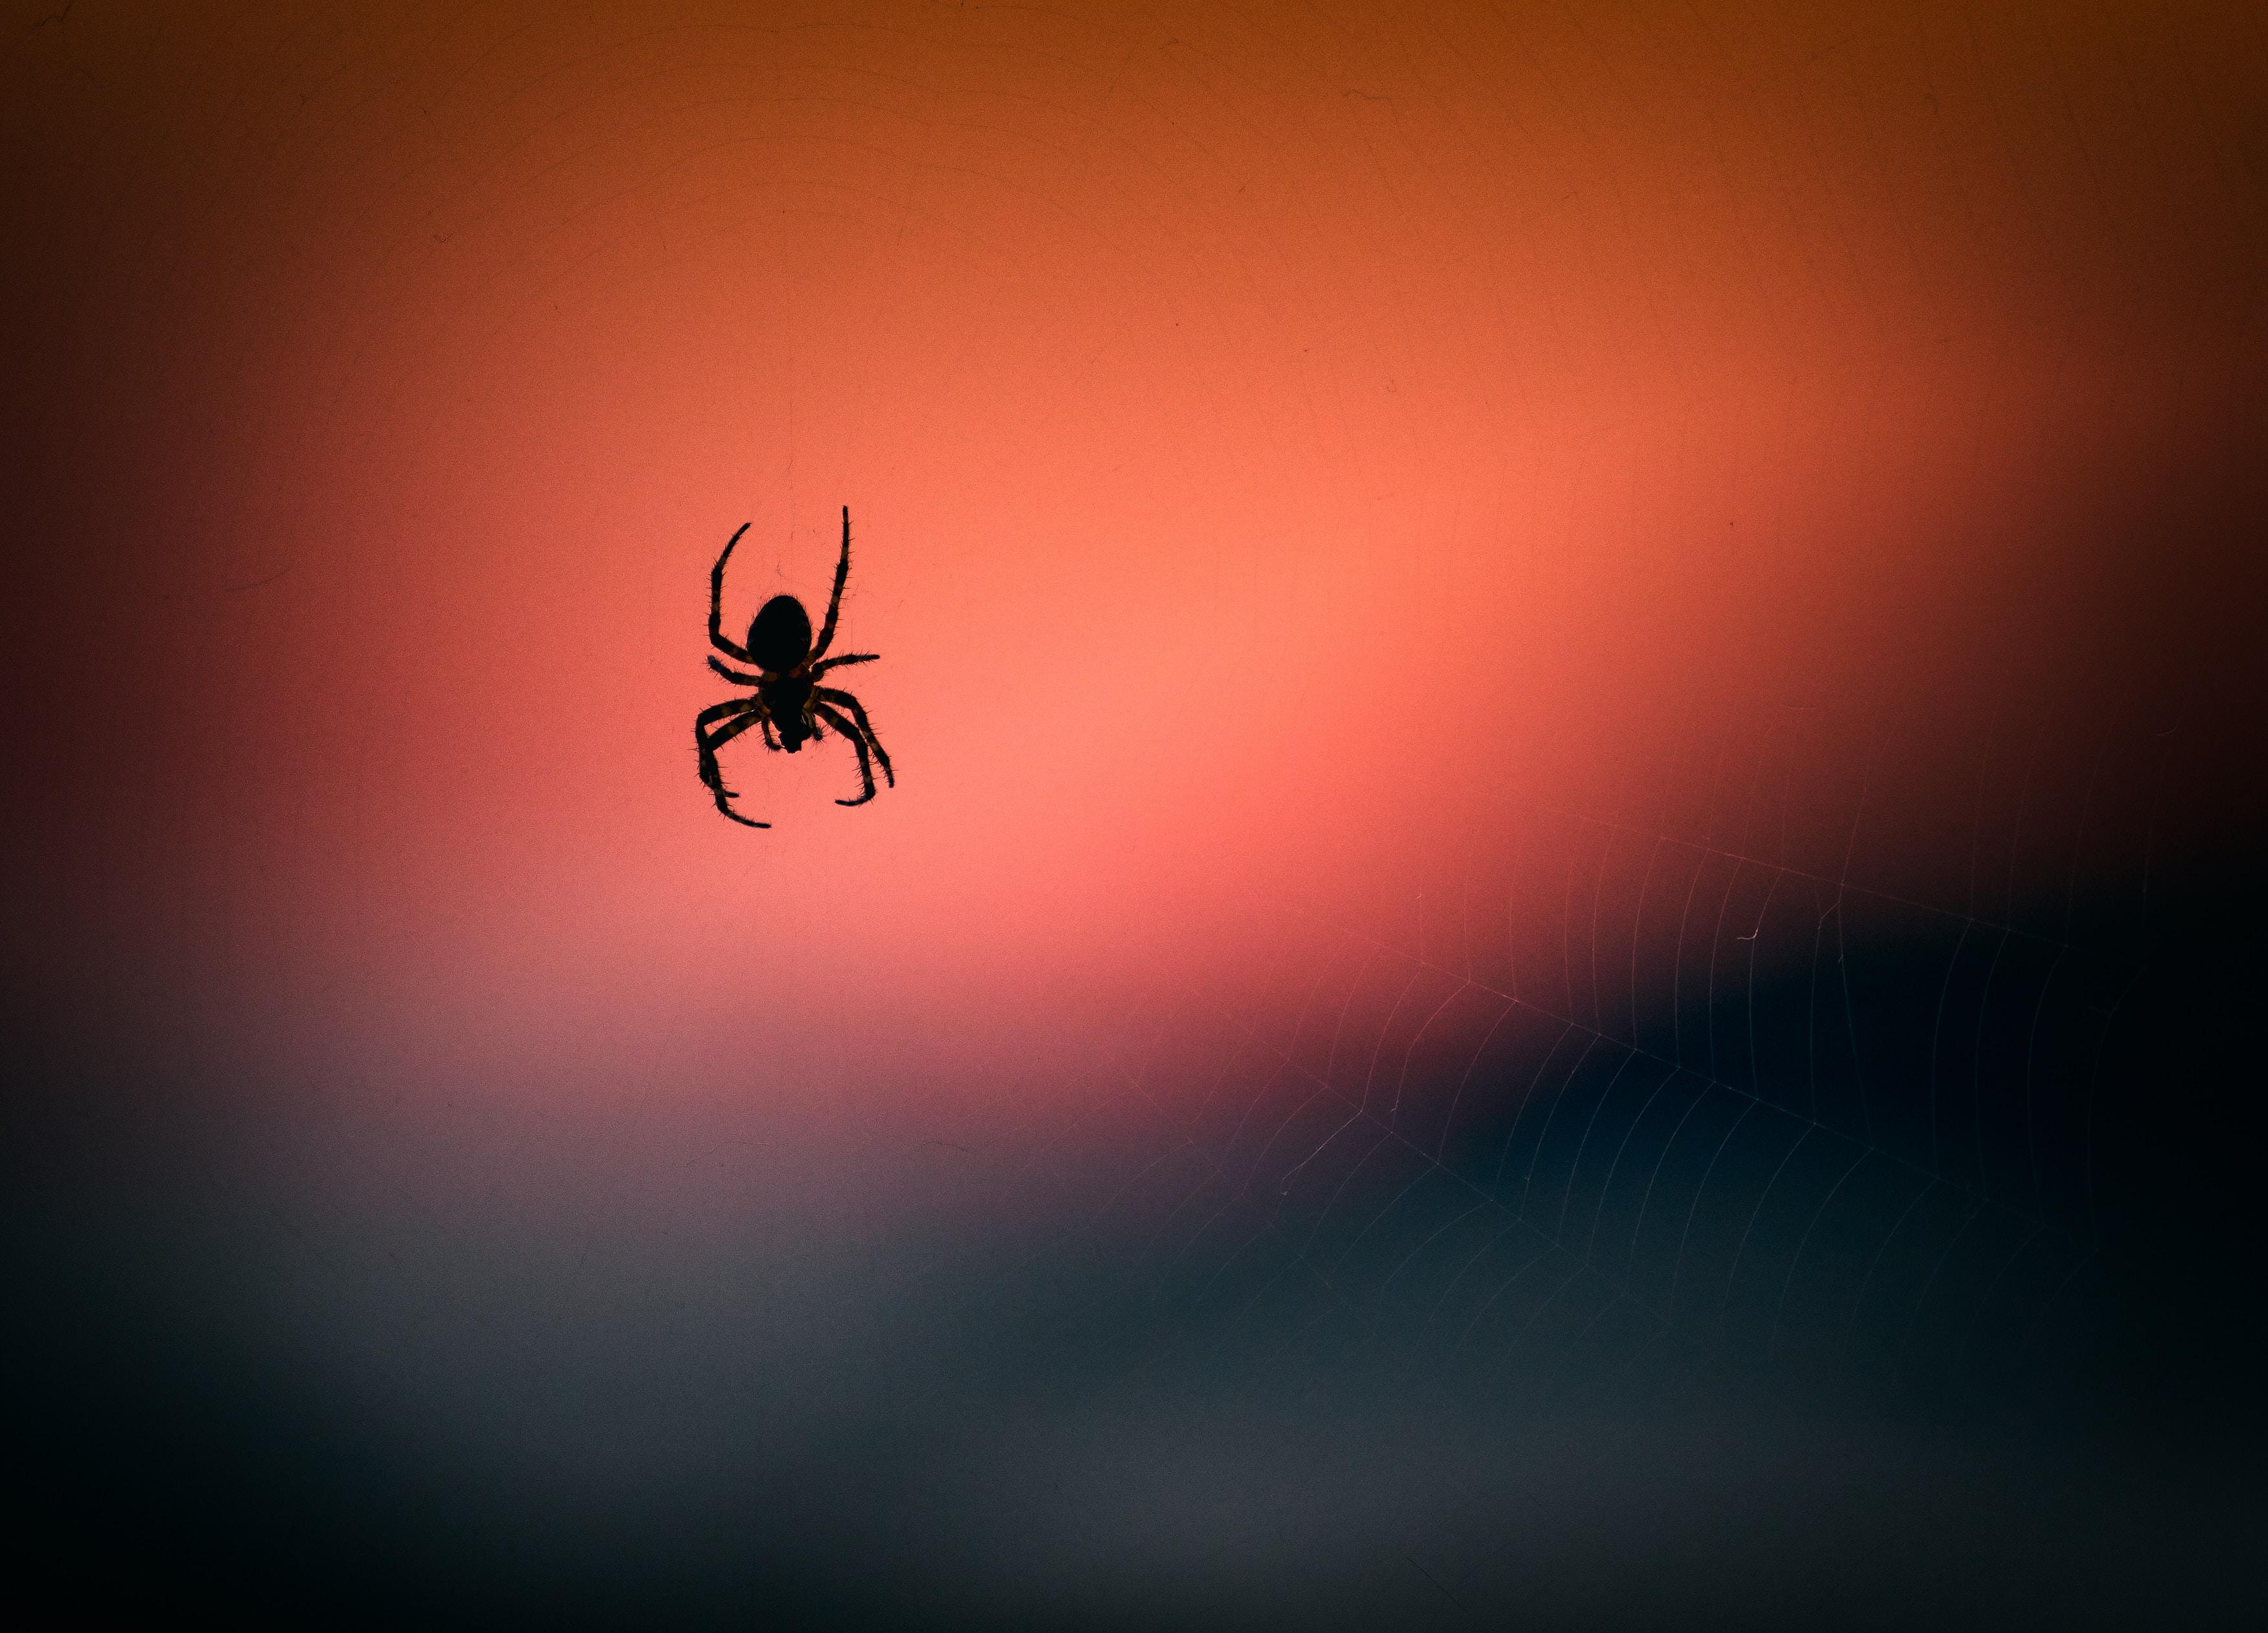 Ragno silhouette